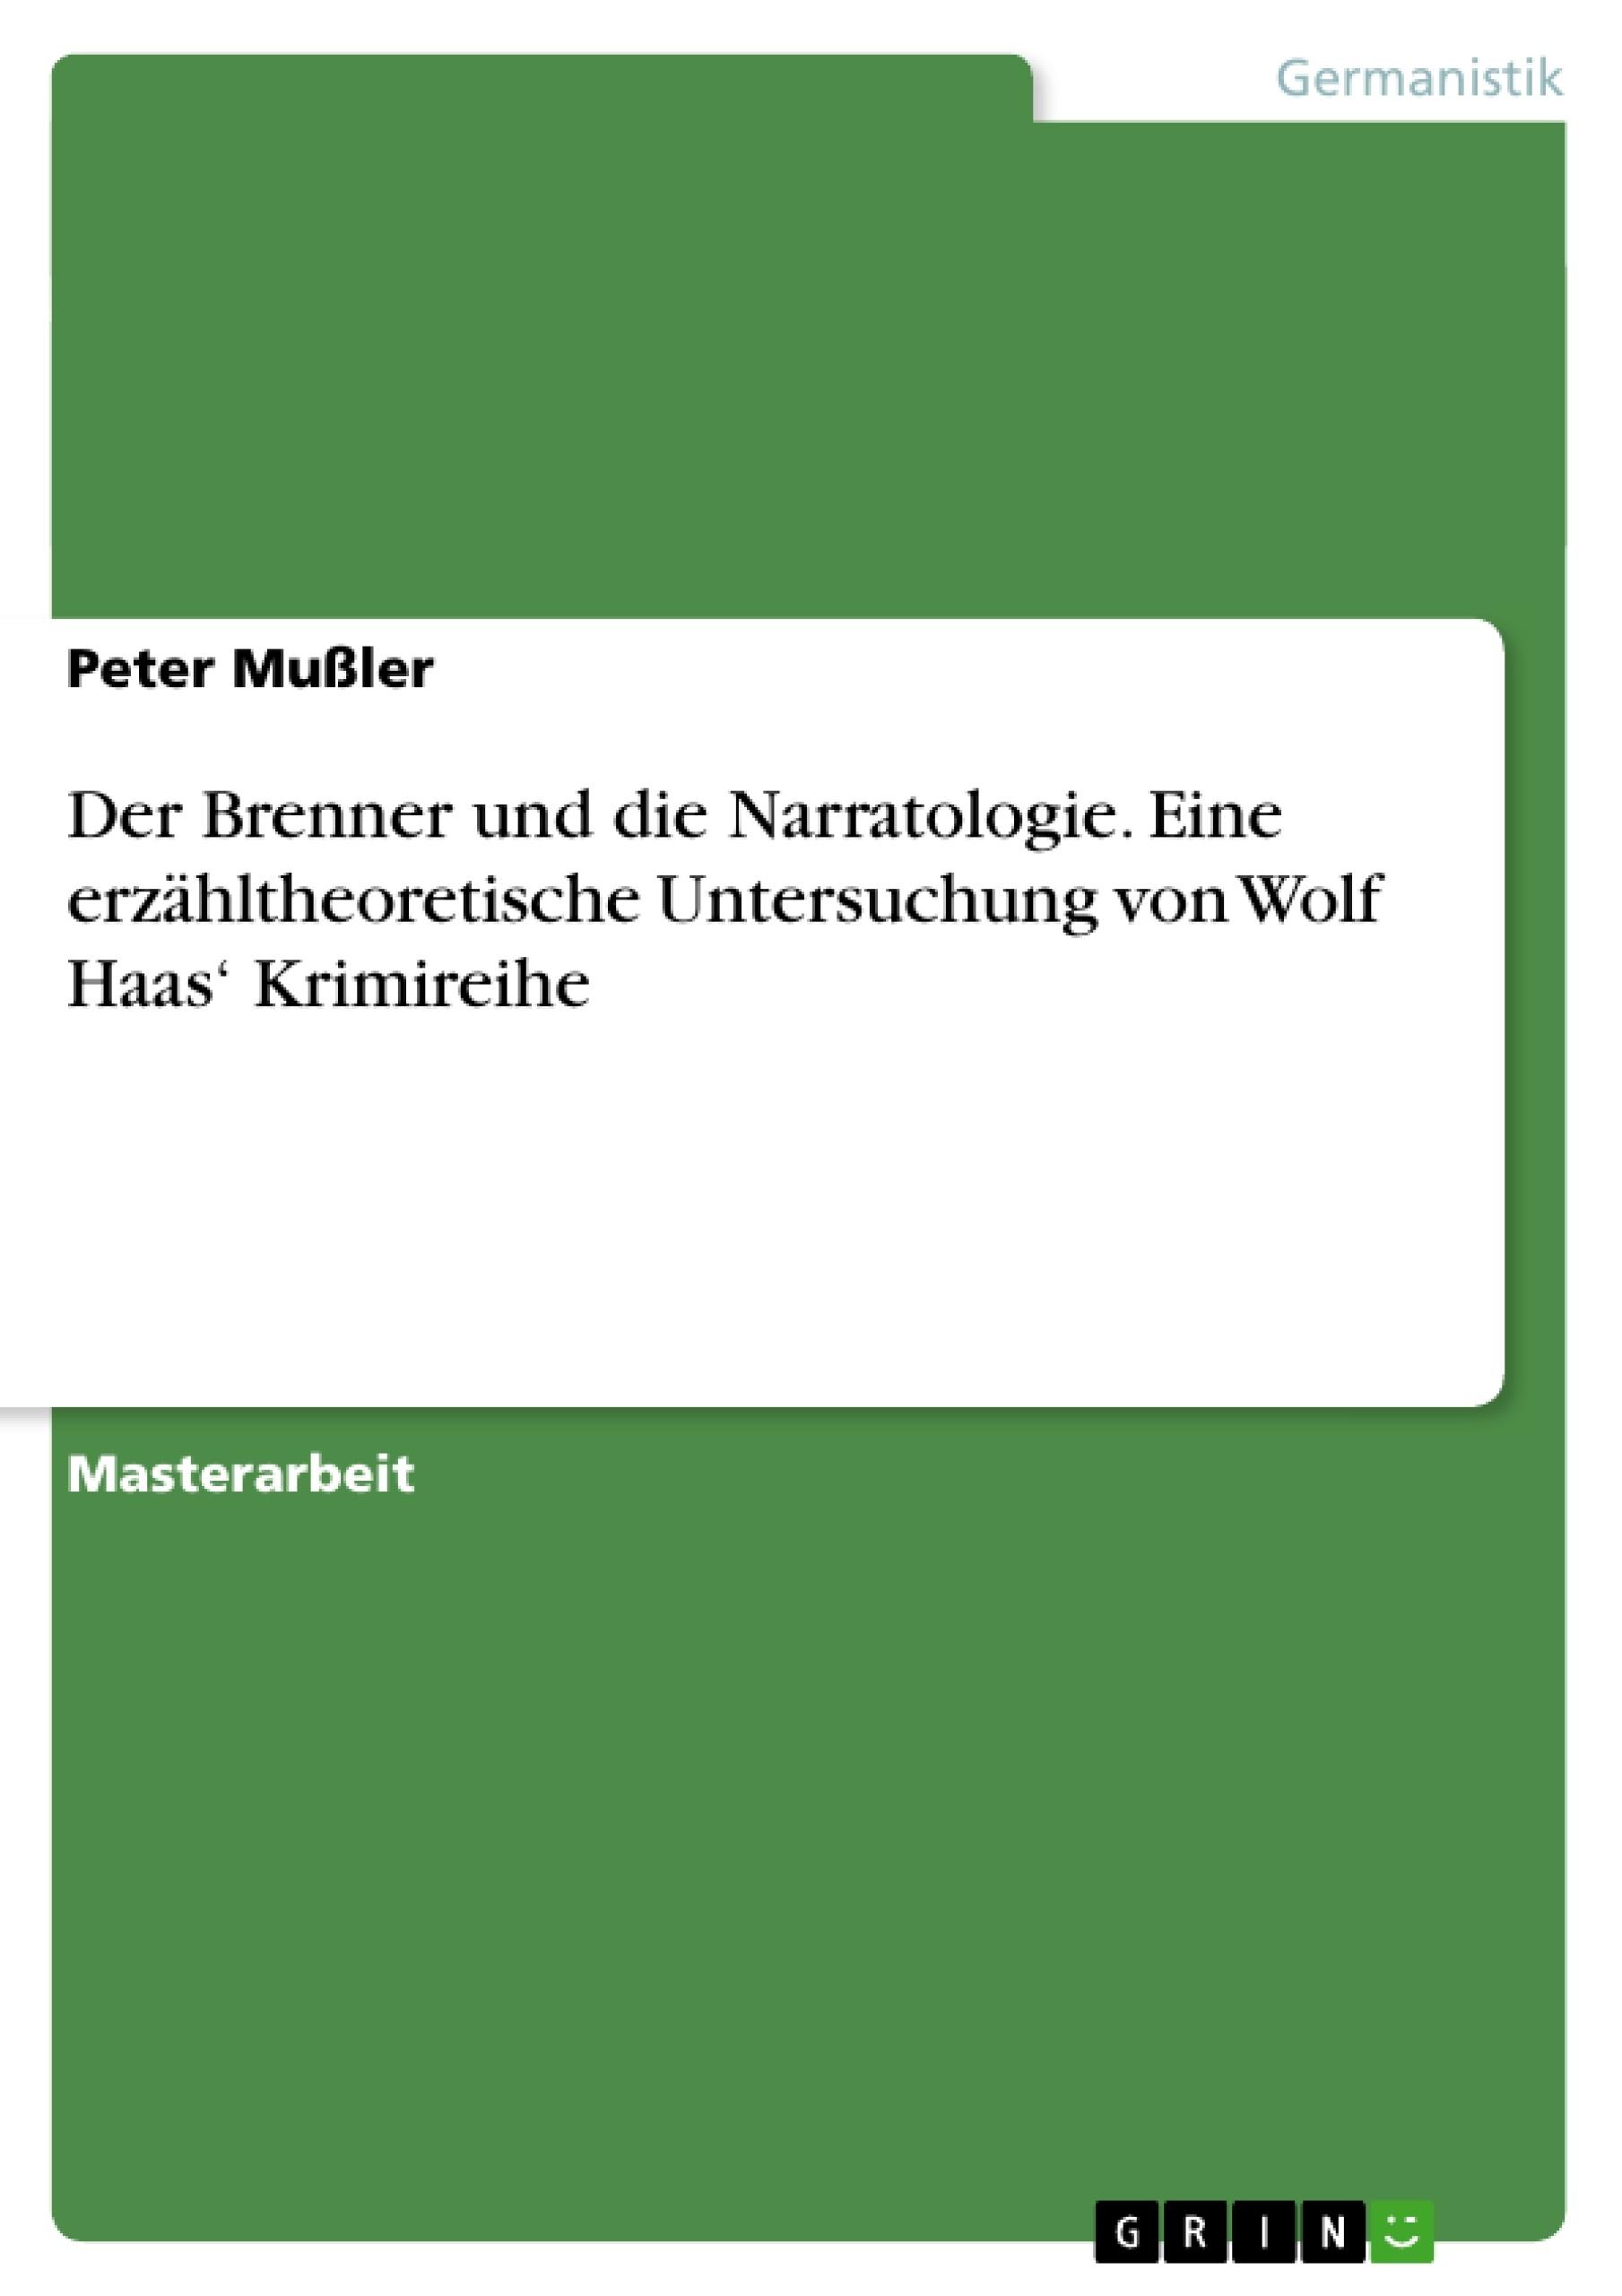 Titel: Der Brenner und die Narratologie. Eine erzähltheoretische Untersuchung von Wolf Haas' Krimireihe